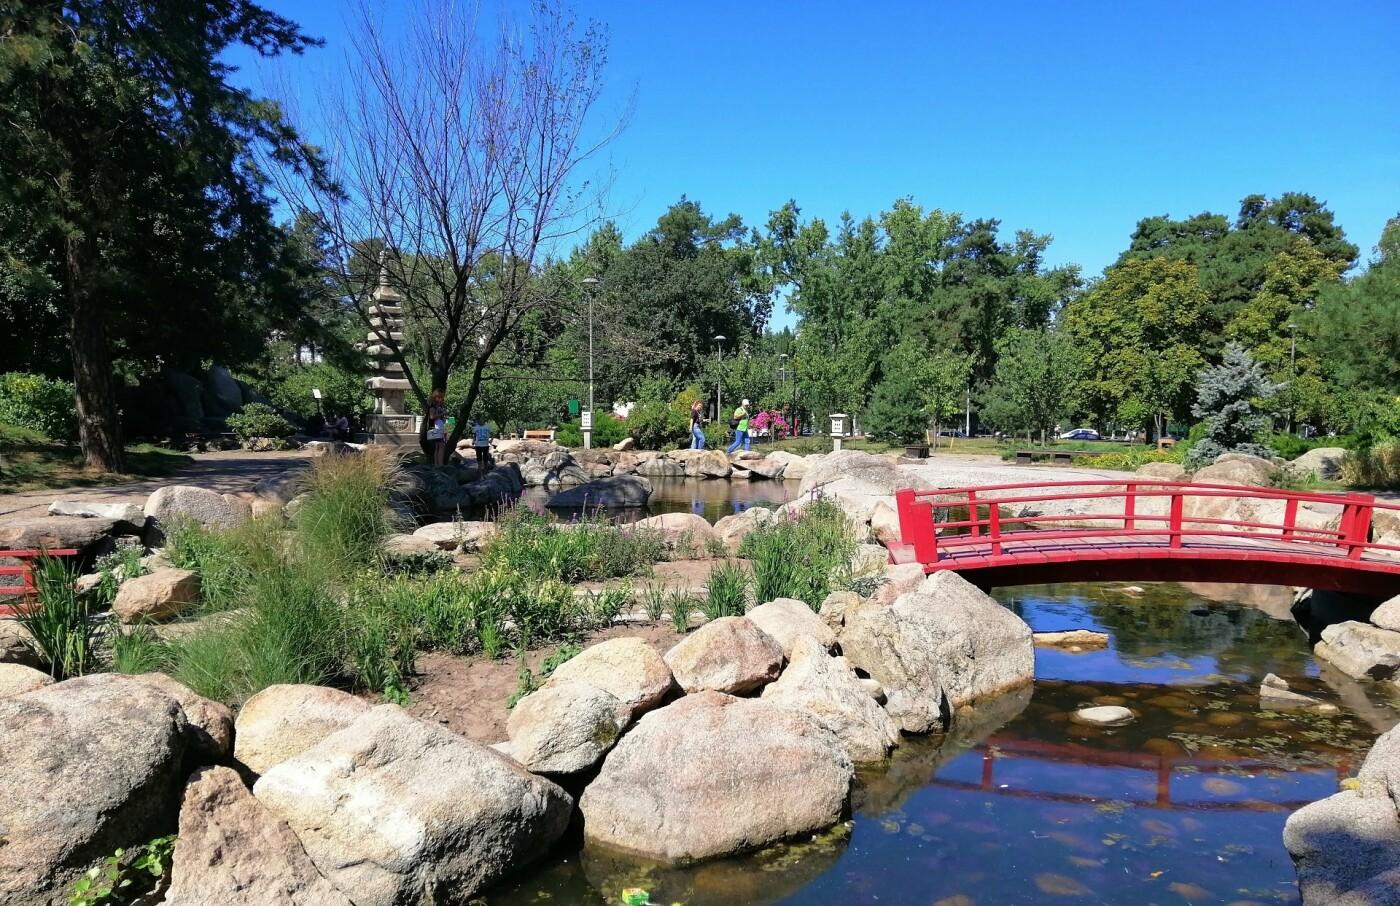 Цветущие сады японских сакур: парк «Киото» в Киеве и его уникальность, - ФОТО, Фото: Ksenia Davinci